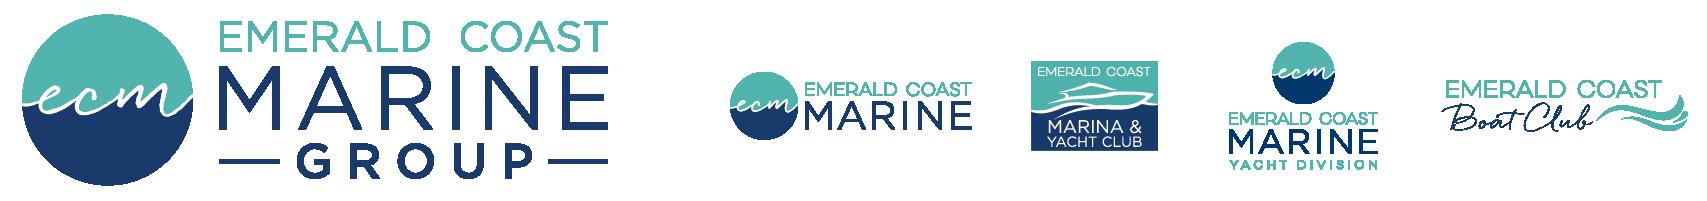 emeraldcoastmarine.com logo